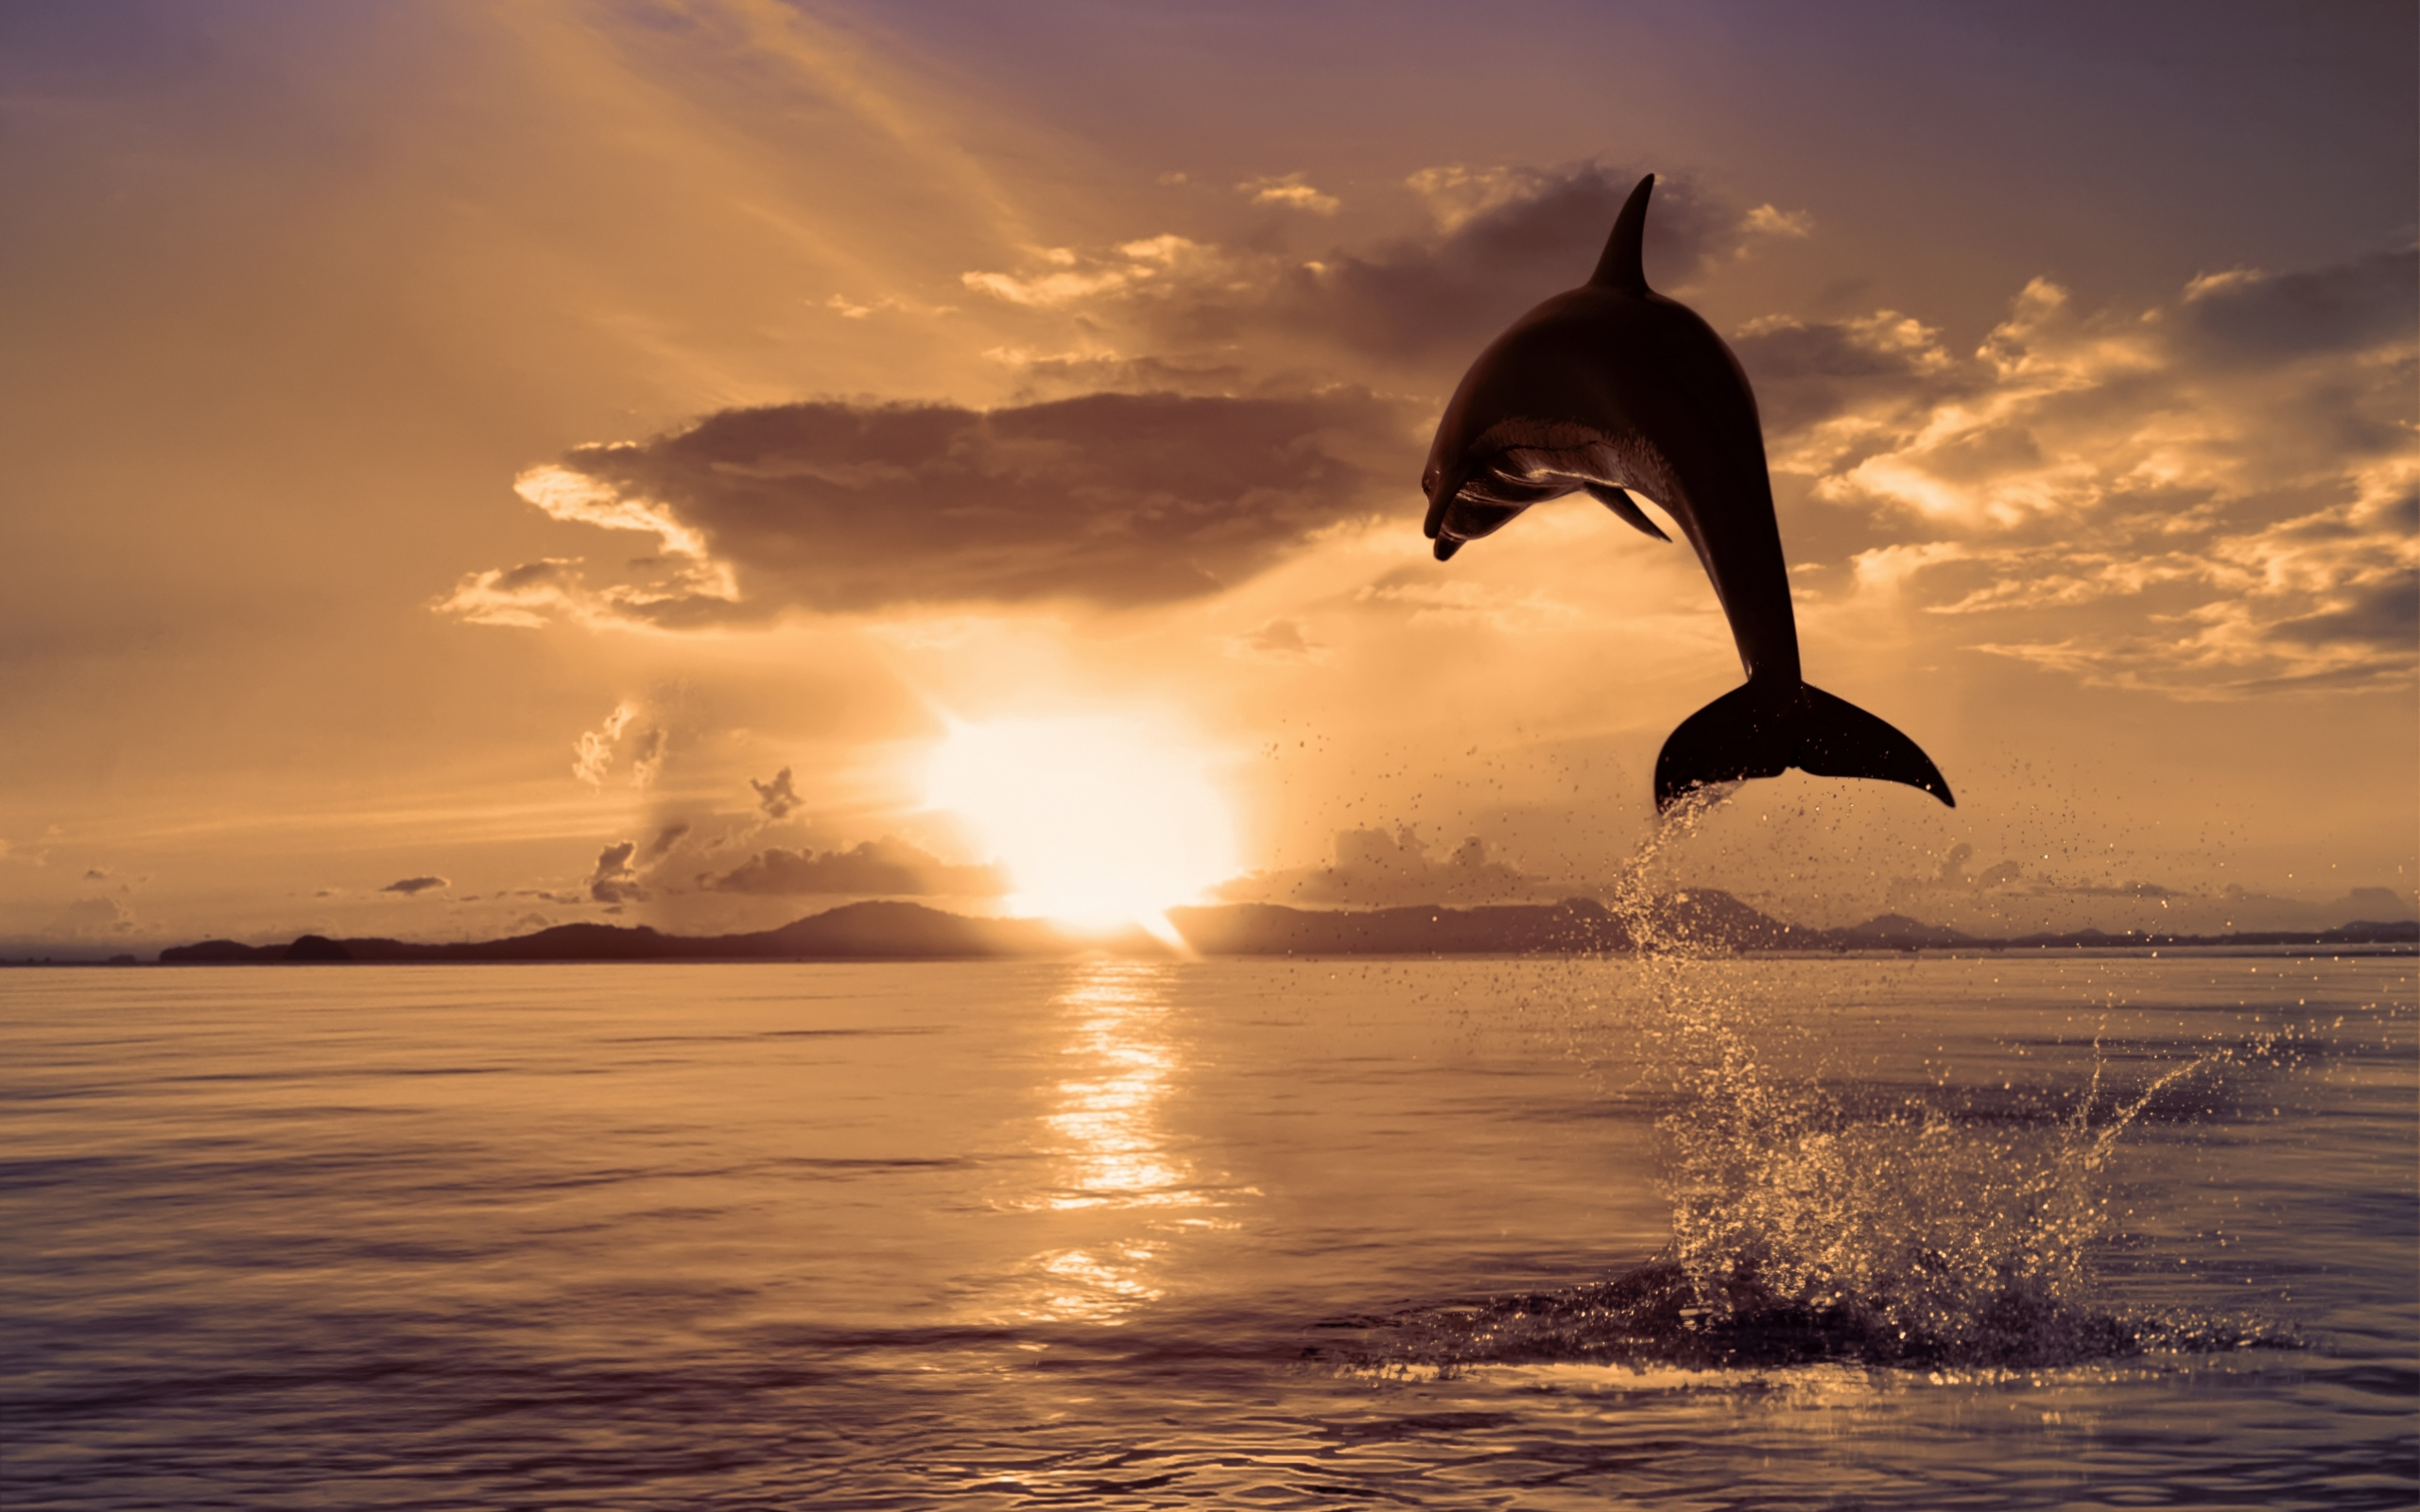 Дельфин прыжок волна загрузить